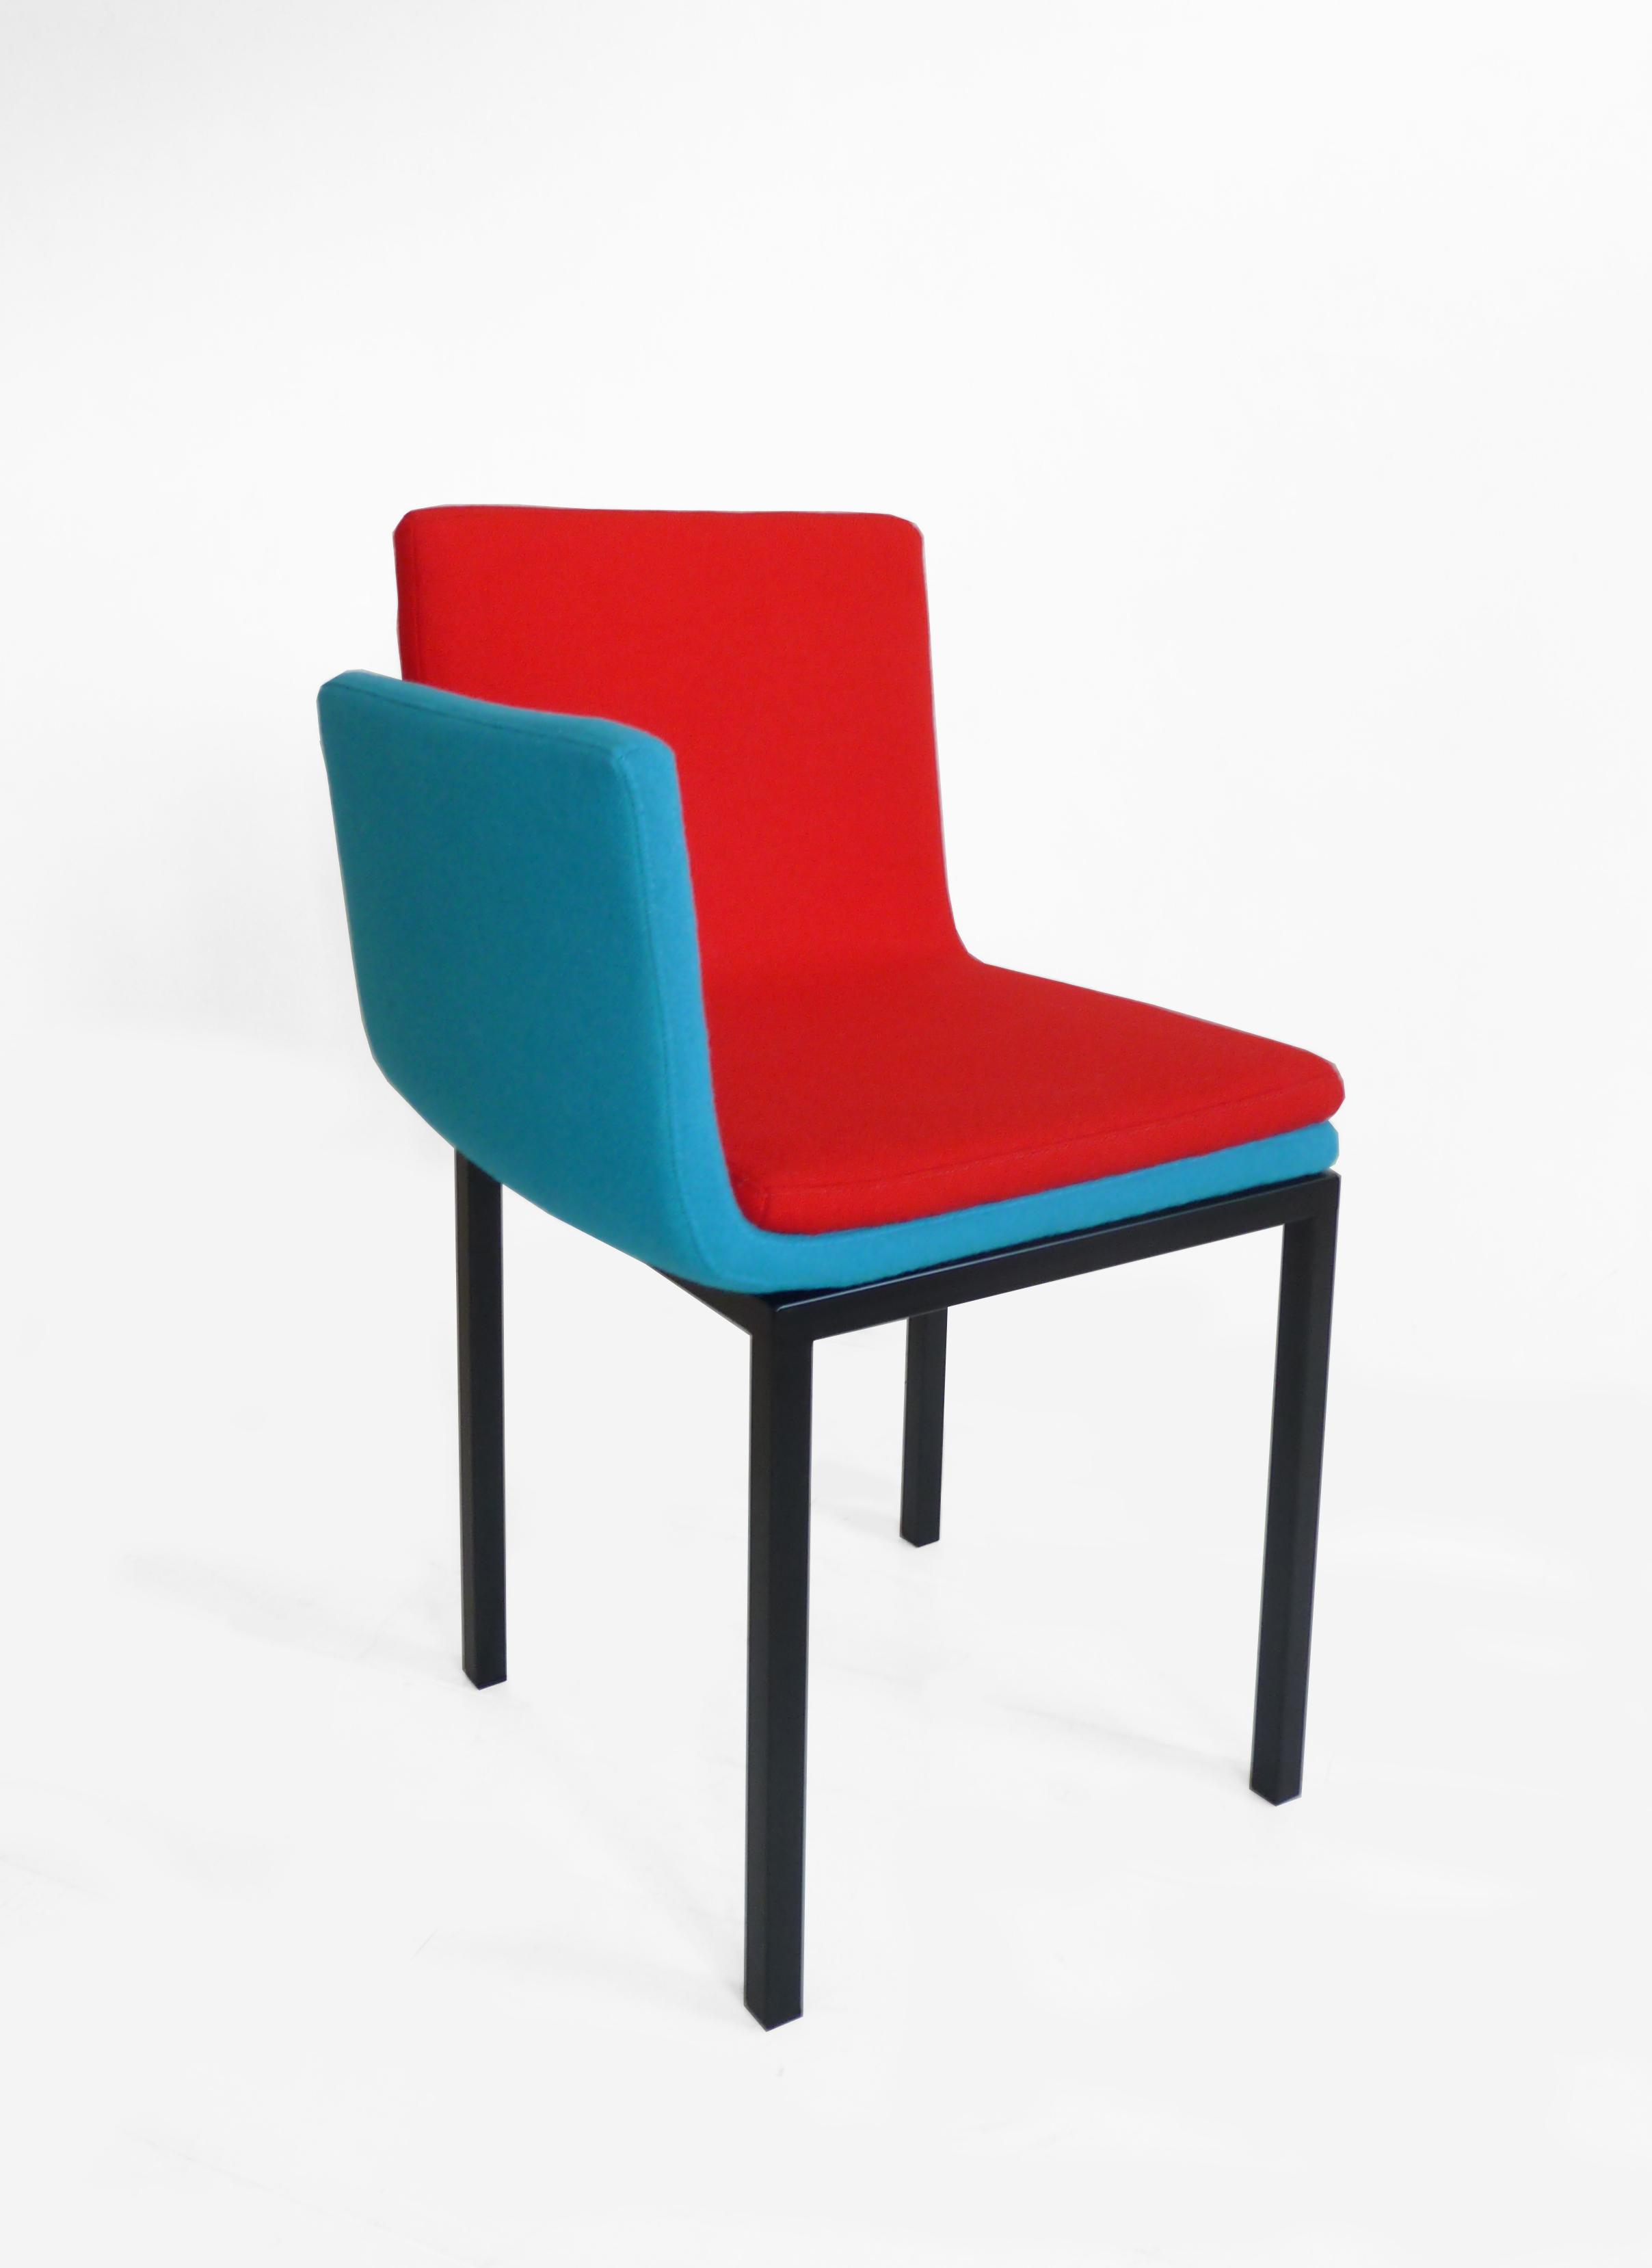 red blue chair 1.jpg